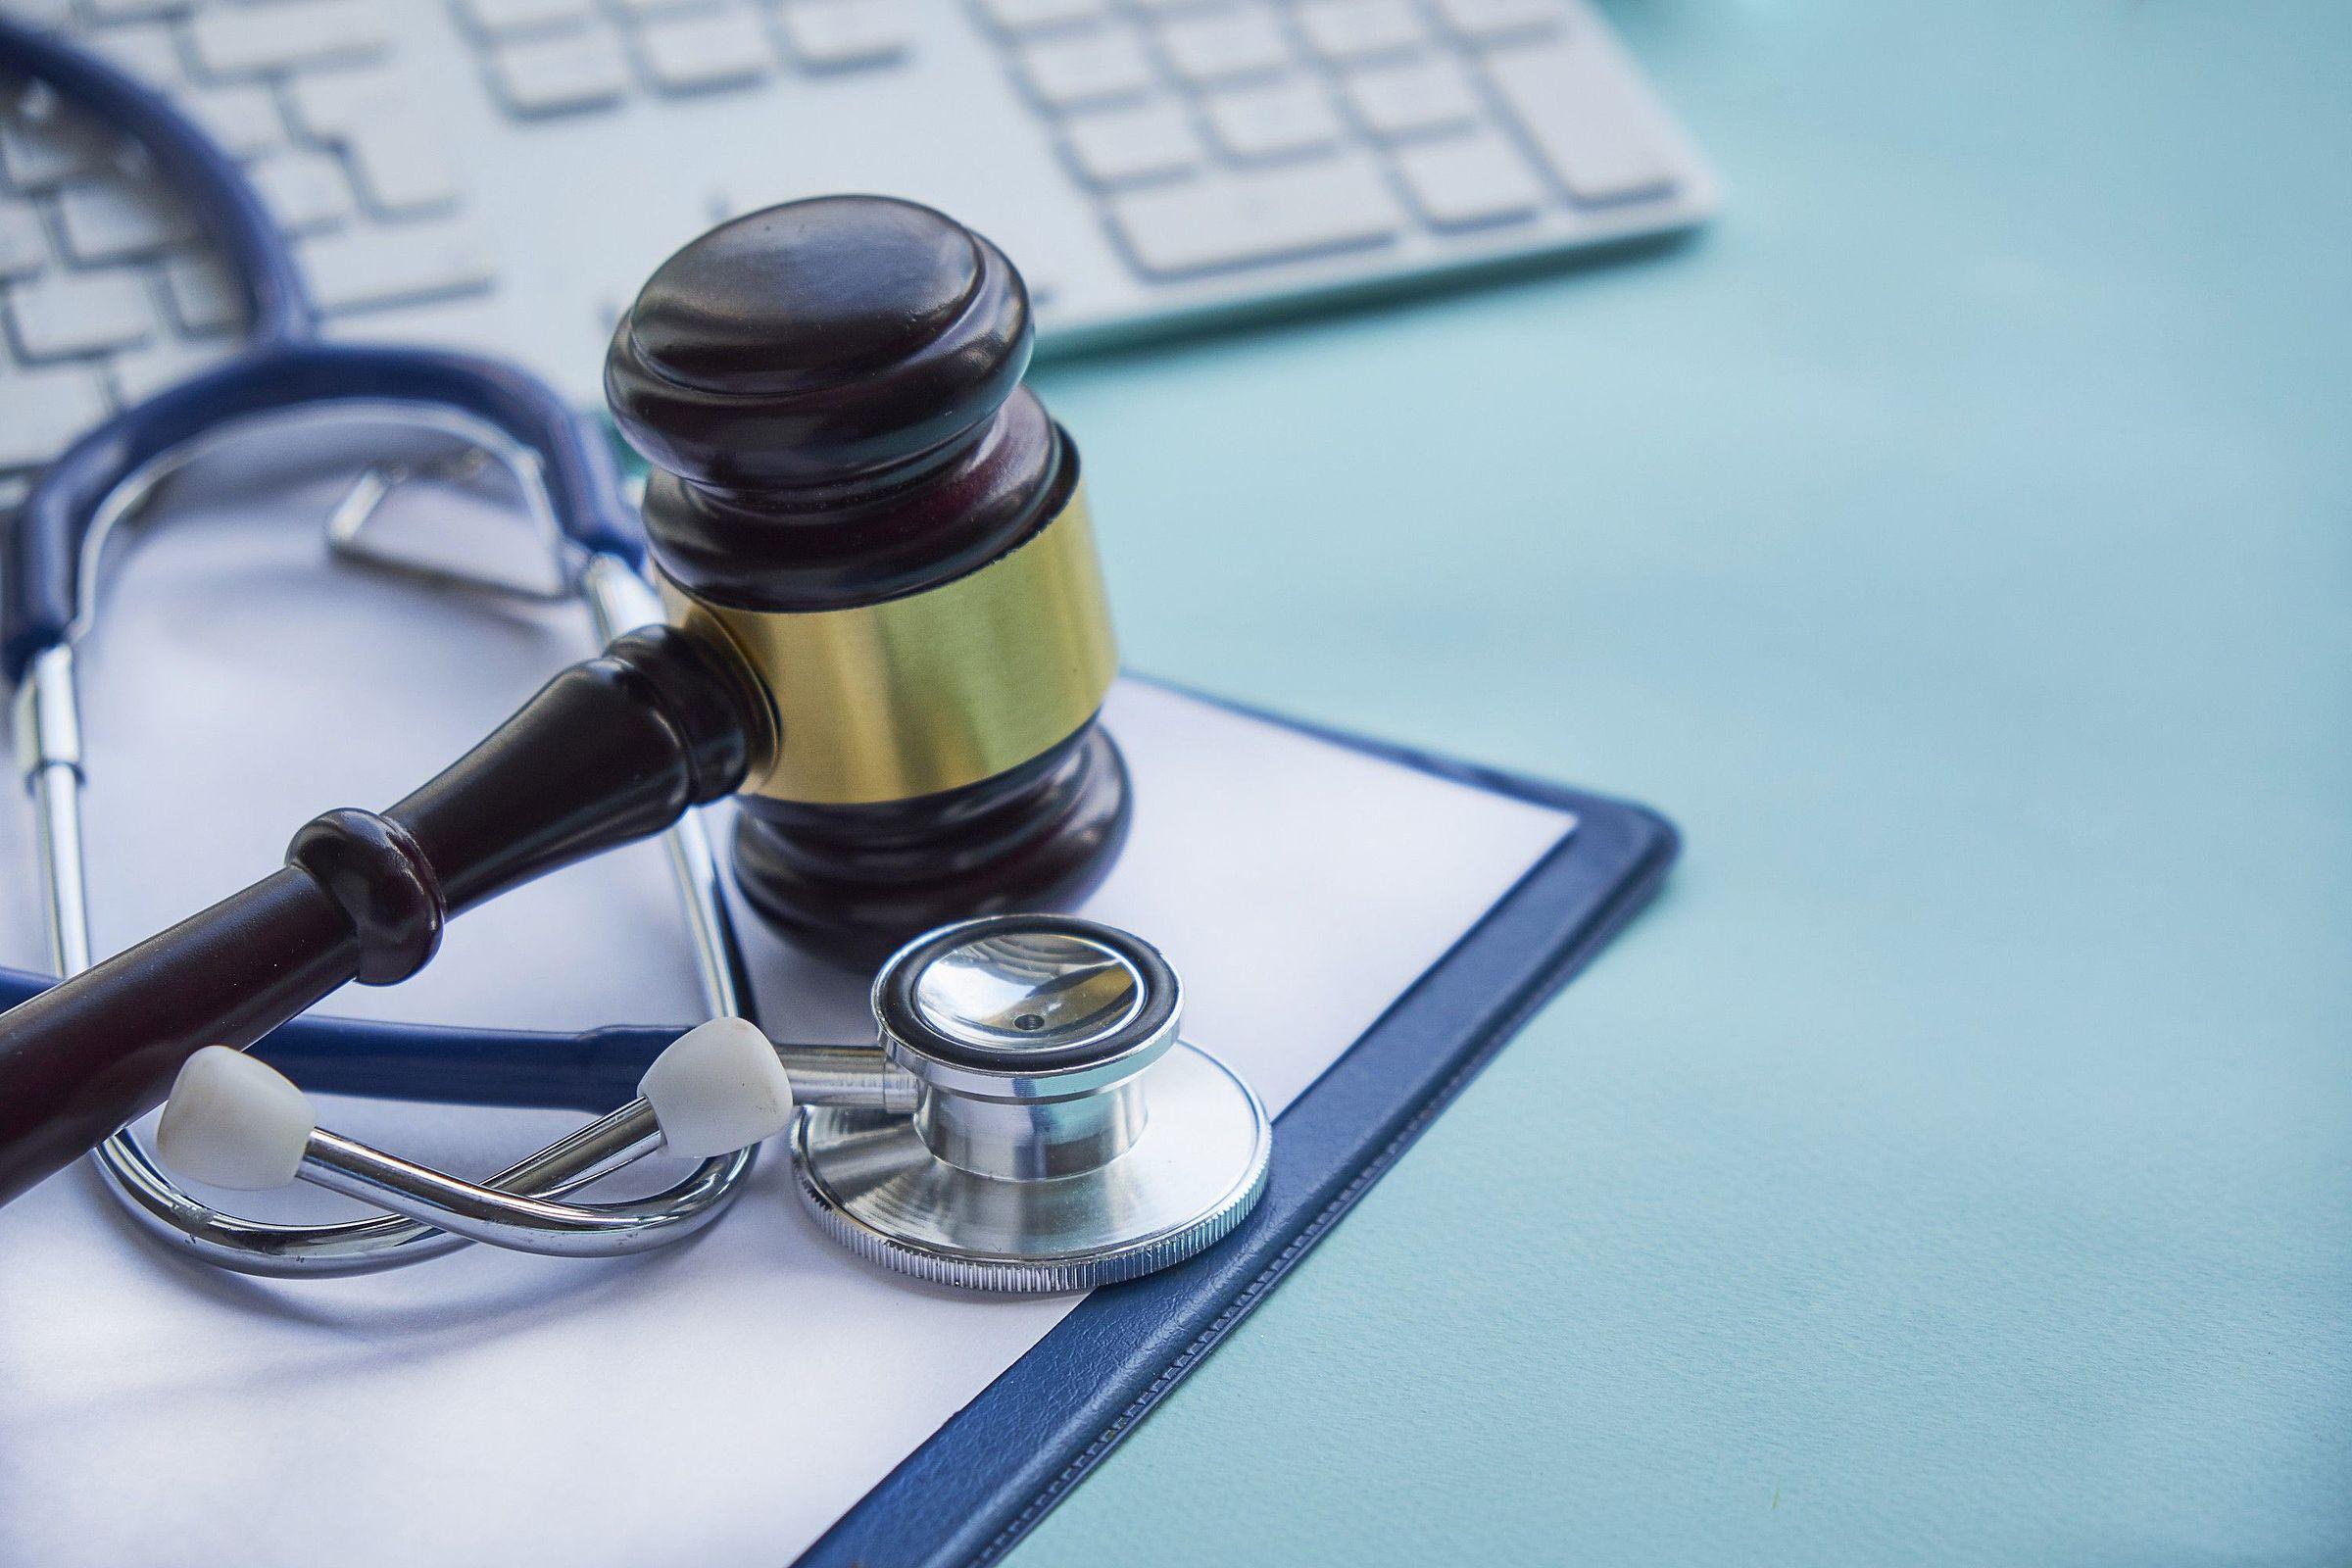 O que a legislação diz sobre programas de saúde preventiva?